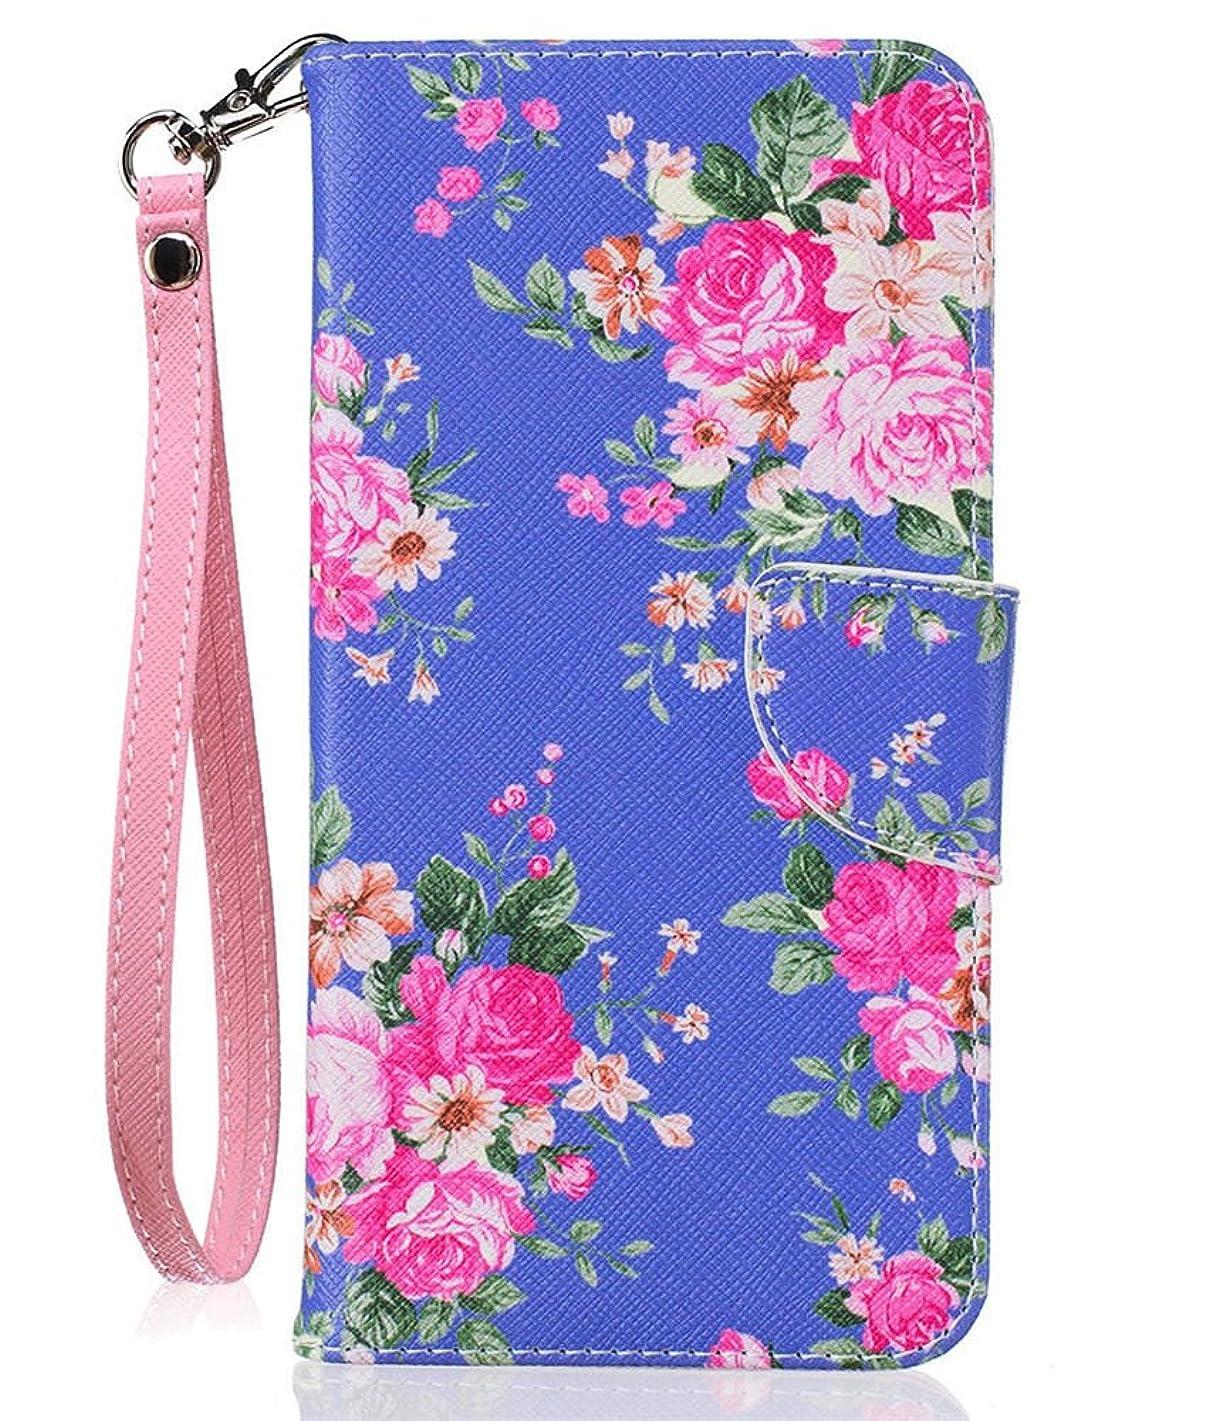 iPhone 8 Plus Wallet Case, iPhone 7 Plus (5.5 Inch) Case, JanCalm [Card/Cash Slots] [Wrist Strap] Design Dual- Use Flip Pattern Premium PU Leather Fold Wallet Pouch Cover + Pen (Purple and Flower)